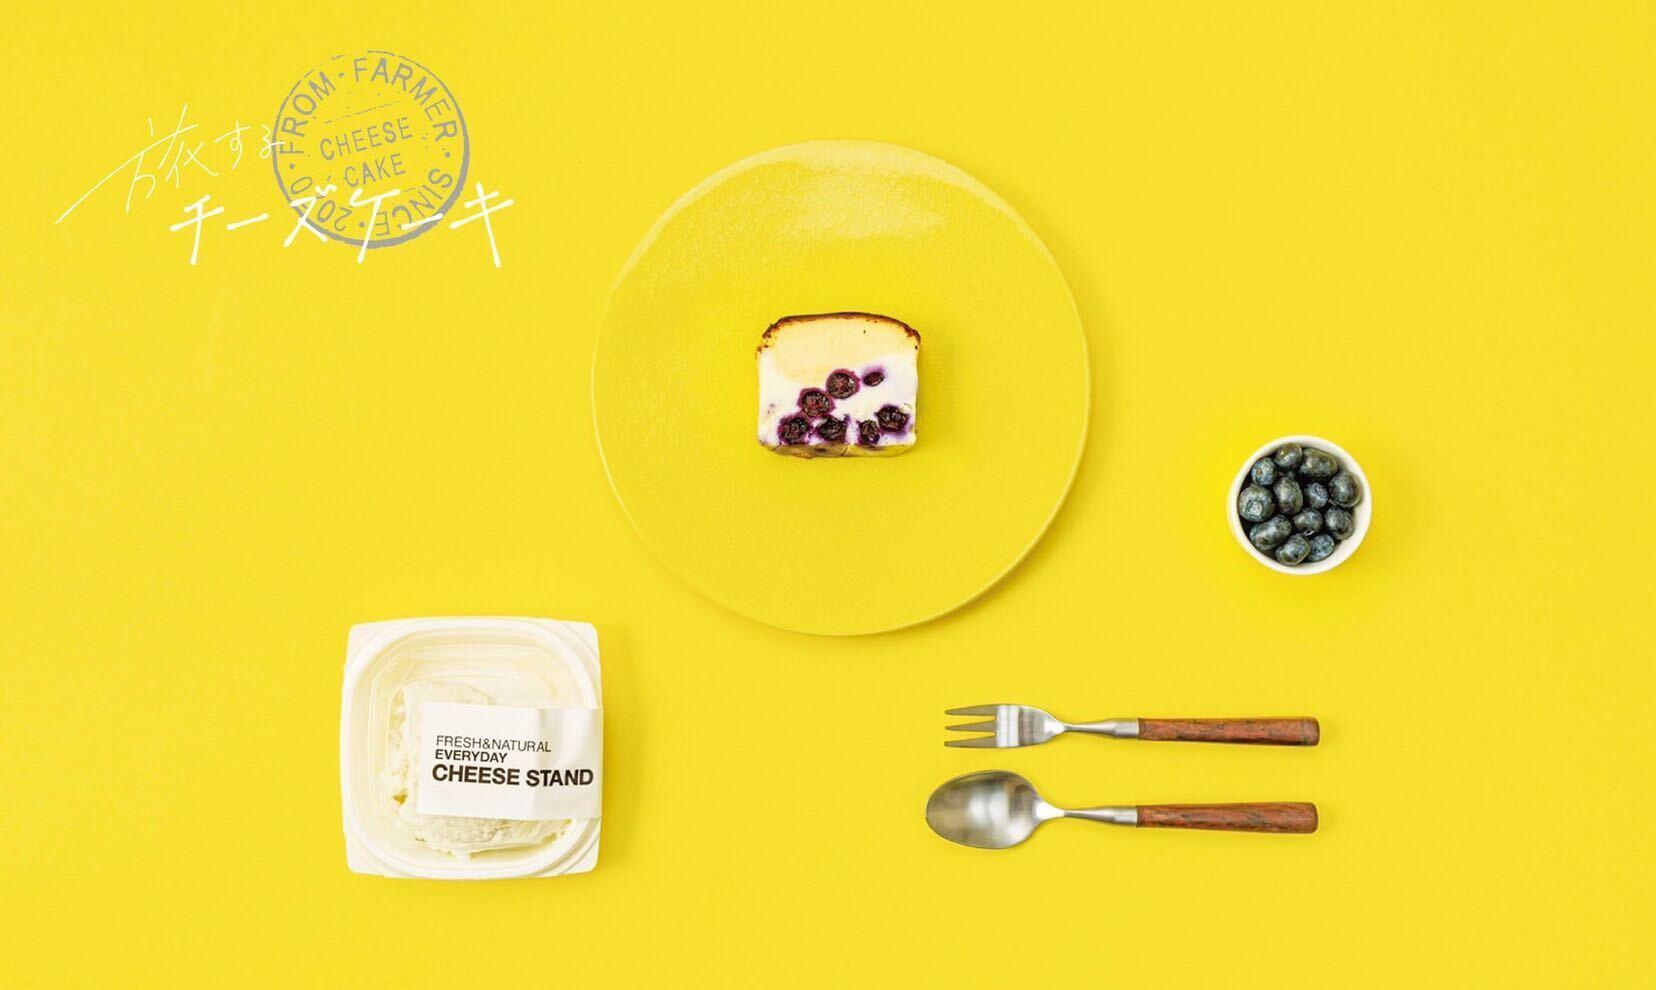 【配送希望の方はこちらから】旅するチーズケーキ ハーフ from つくばブルーベリーゆうファーム